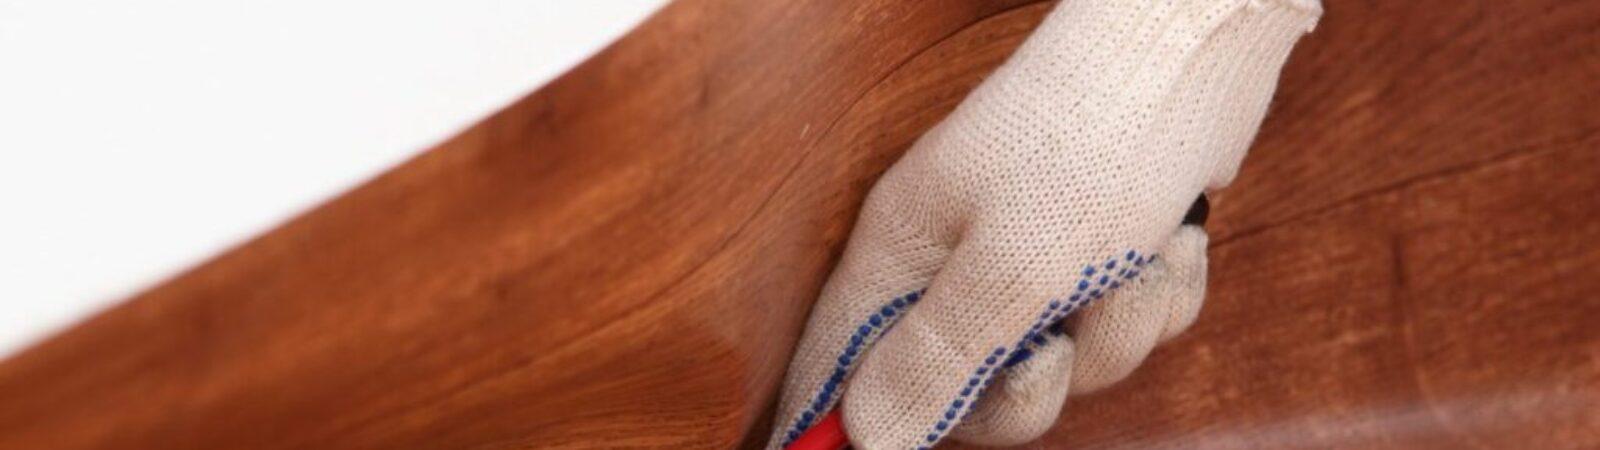 Можно ли стелить линолеум на деревянный пол